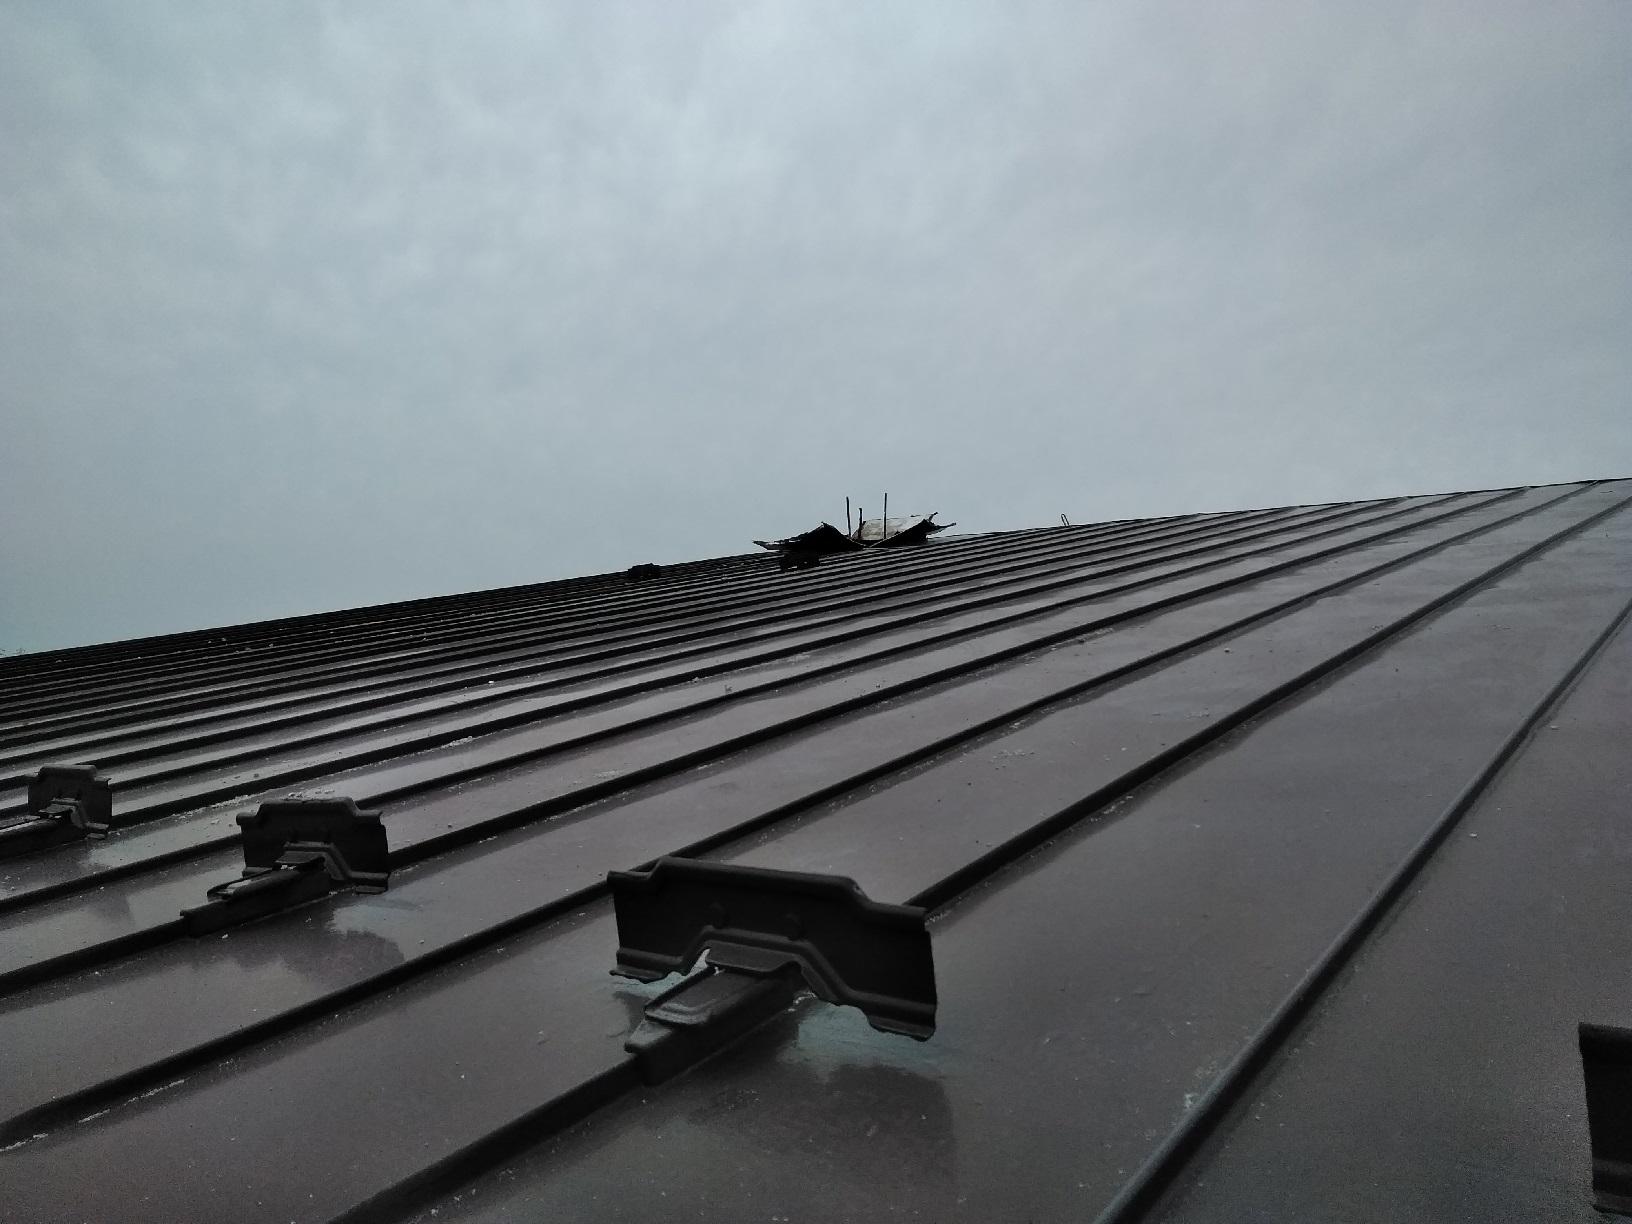 春採現場 集合煙突撤去 屋根上撤去後1